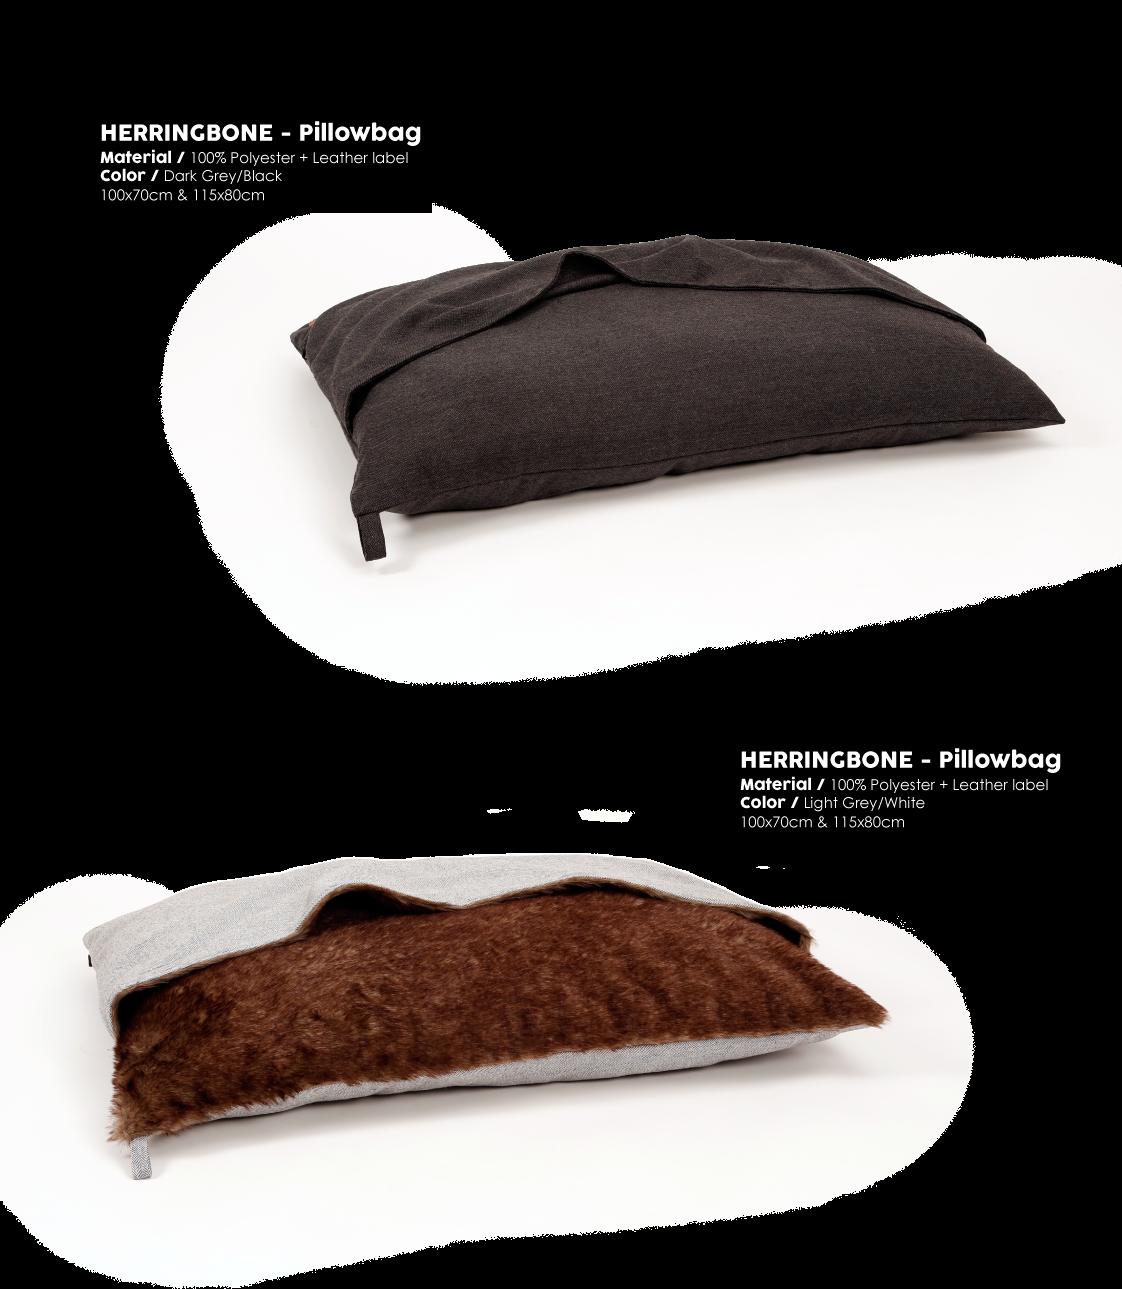 Herringbone Grey Pillowbag